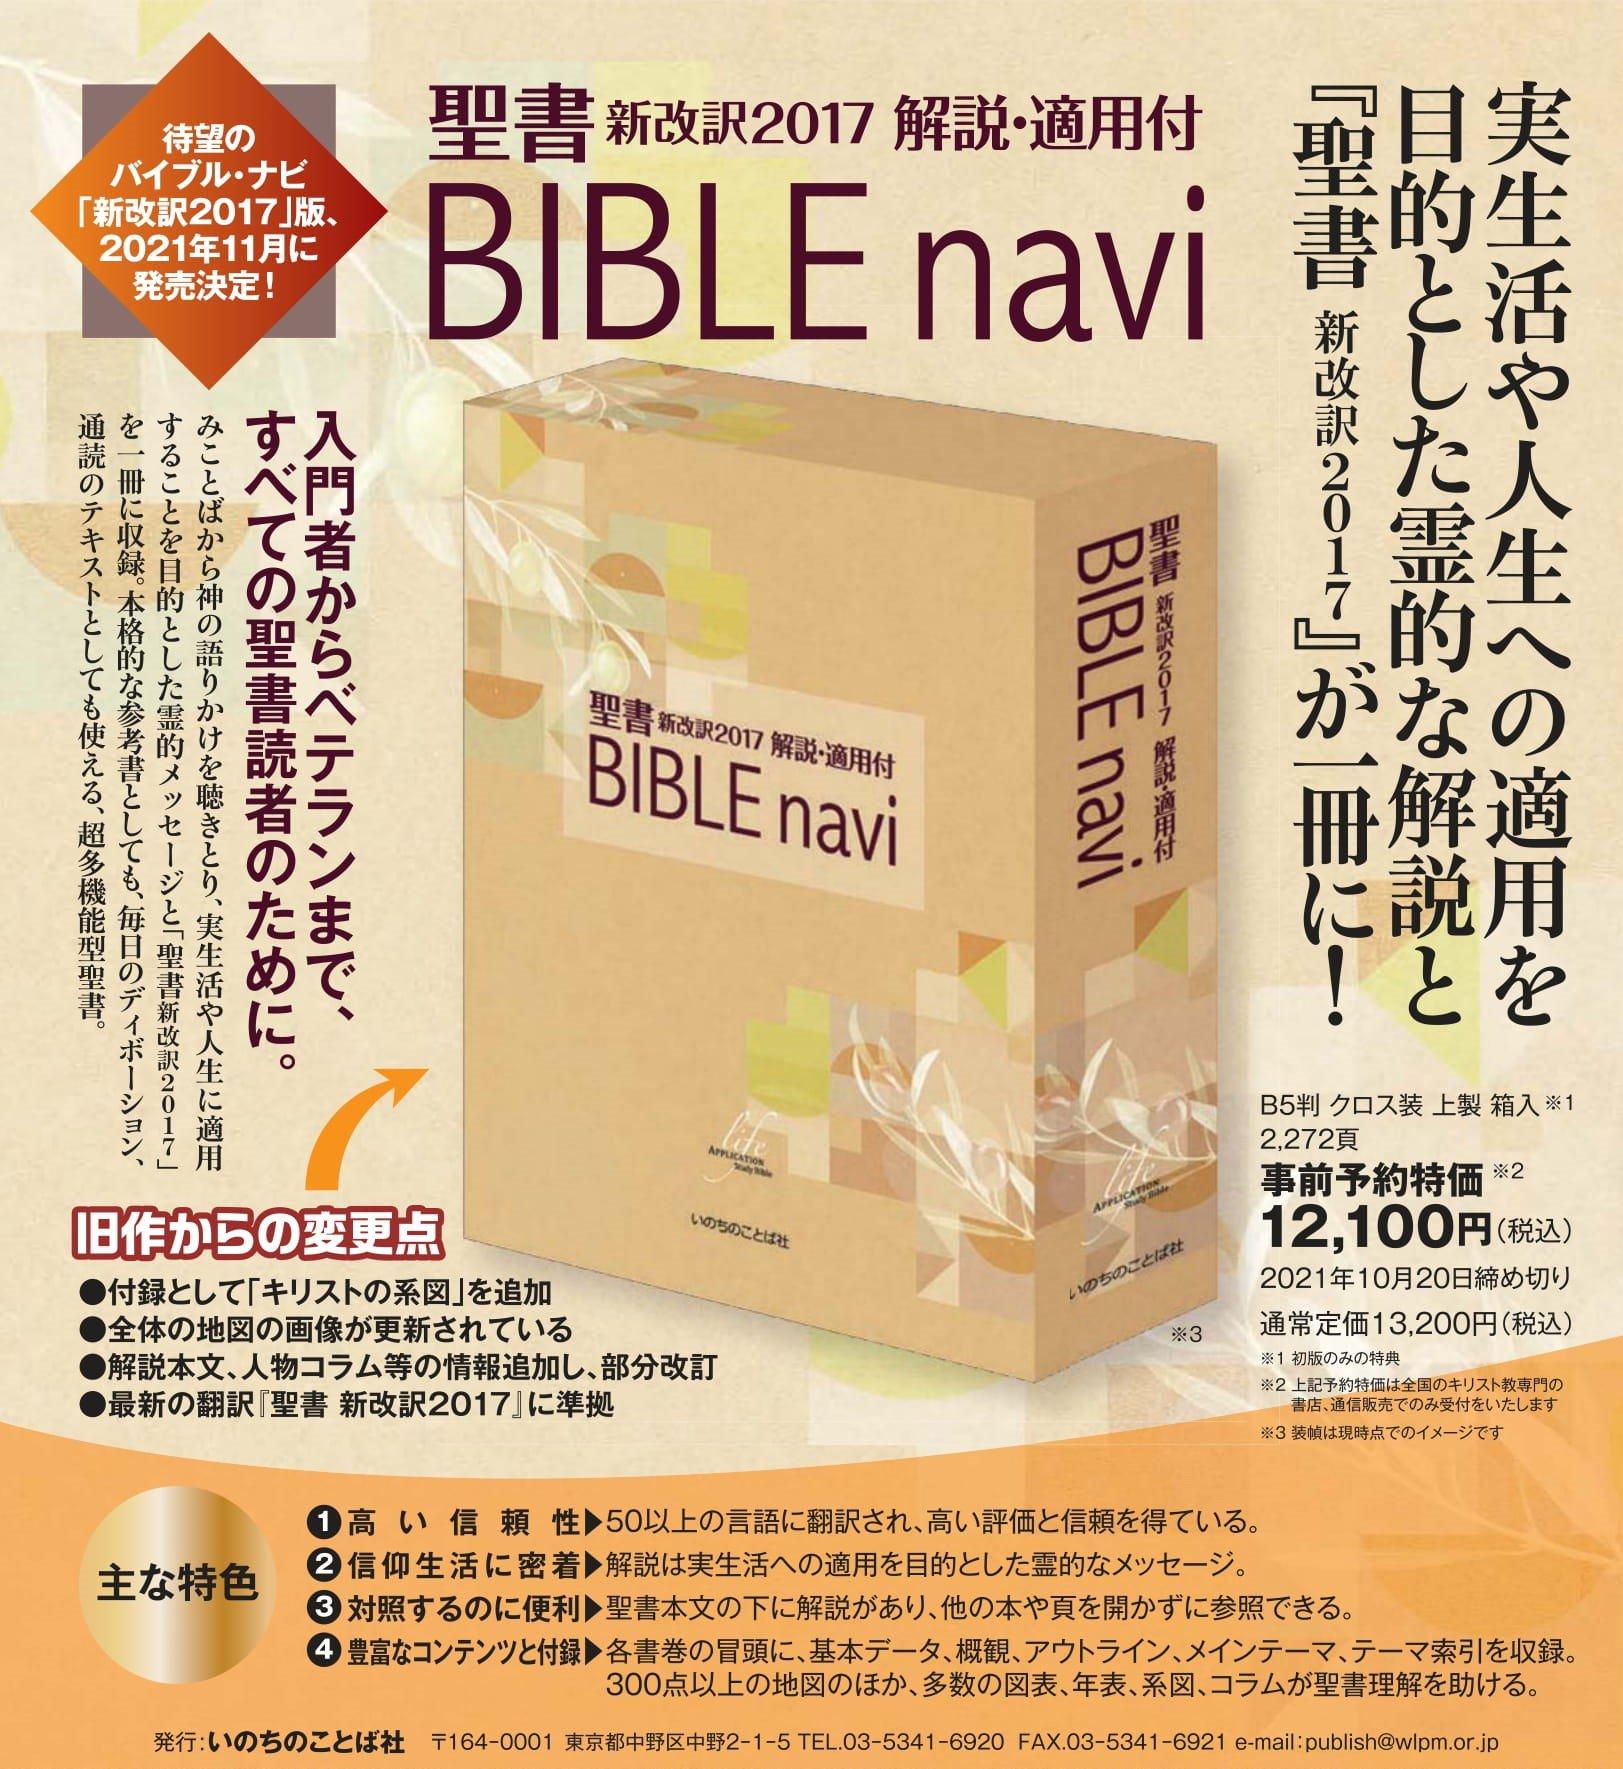 【2021年11月発売:予約】<br>BIBLE navi <br>新改訳2017 解説・適用付<br>事前予約特価(〜10月20日)の商品画像